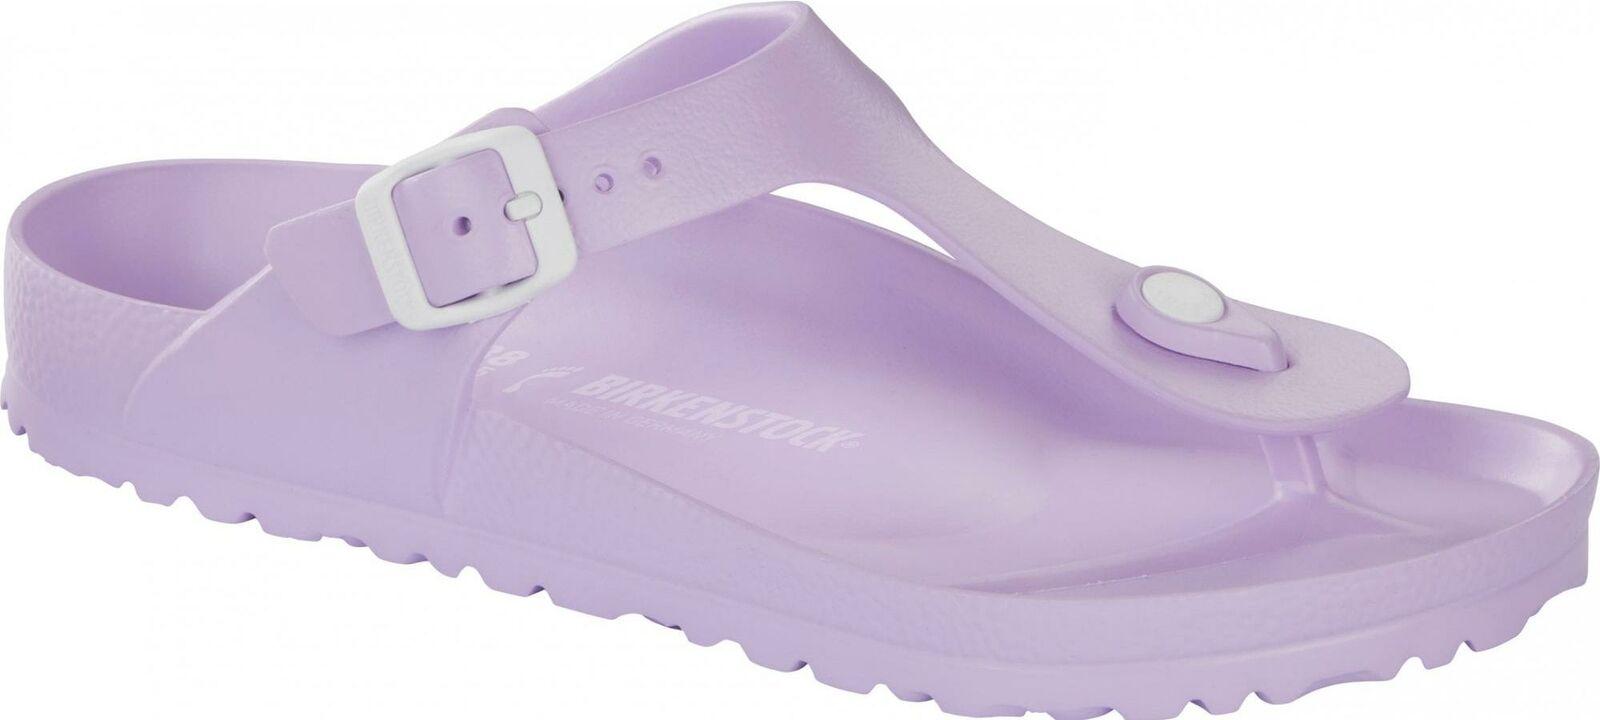 Gizeh E V A 1009205 Soft purplec REGULAR